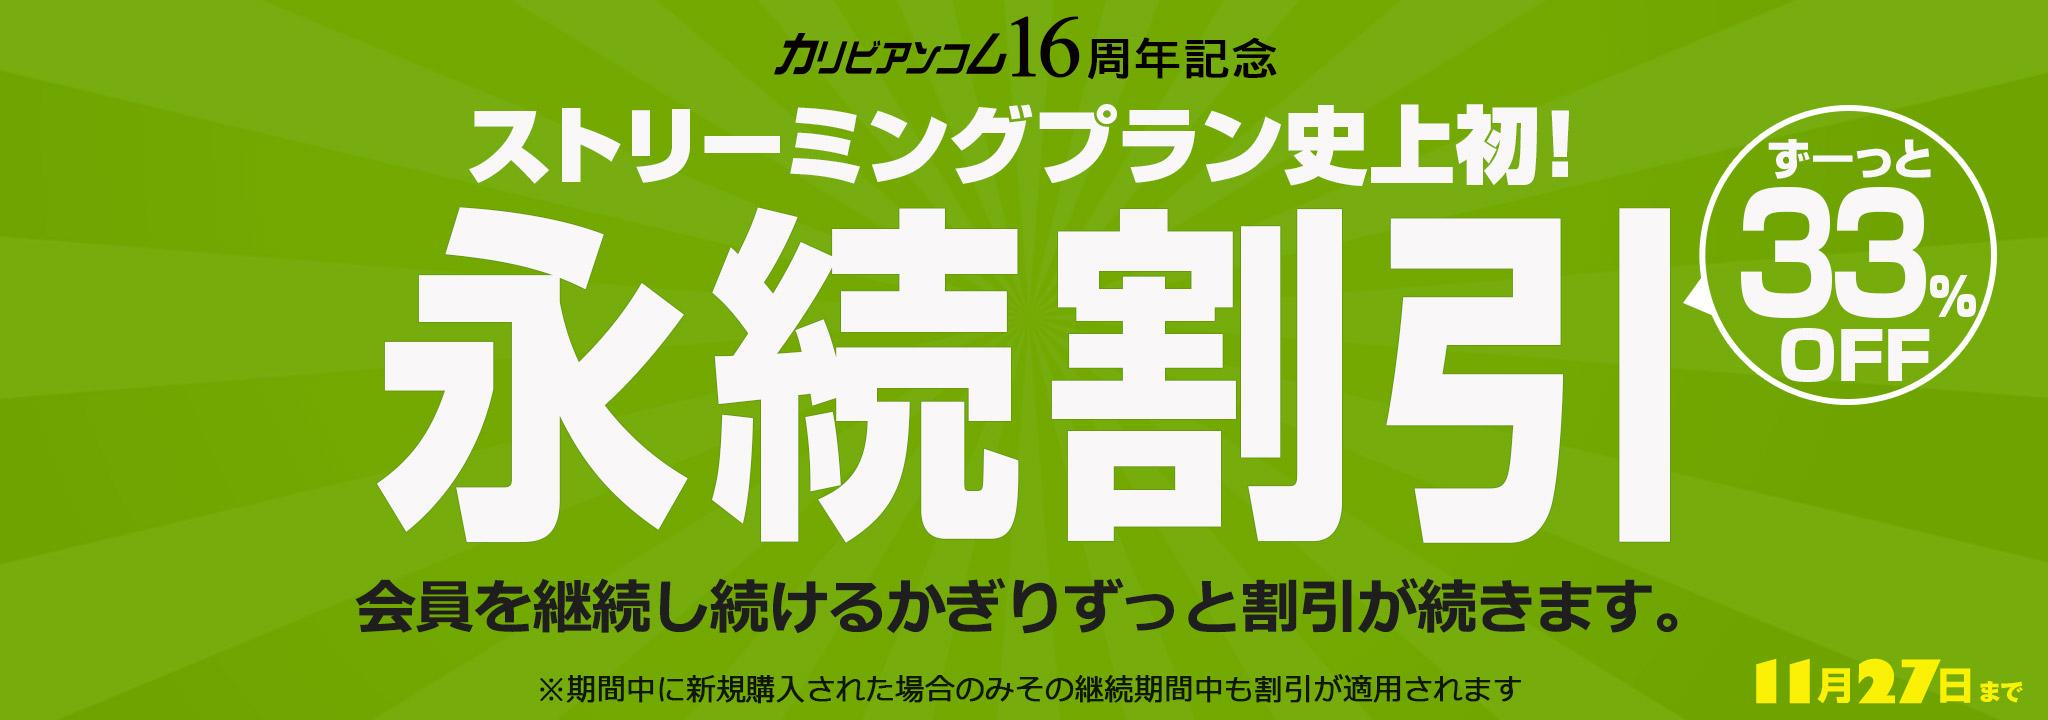 カリビアンコムよりストリーミングプラン永続割引キャンペーンを開催中!!11月23日から11月27日まで!!